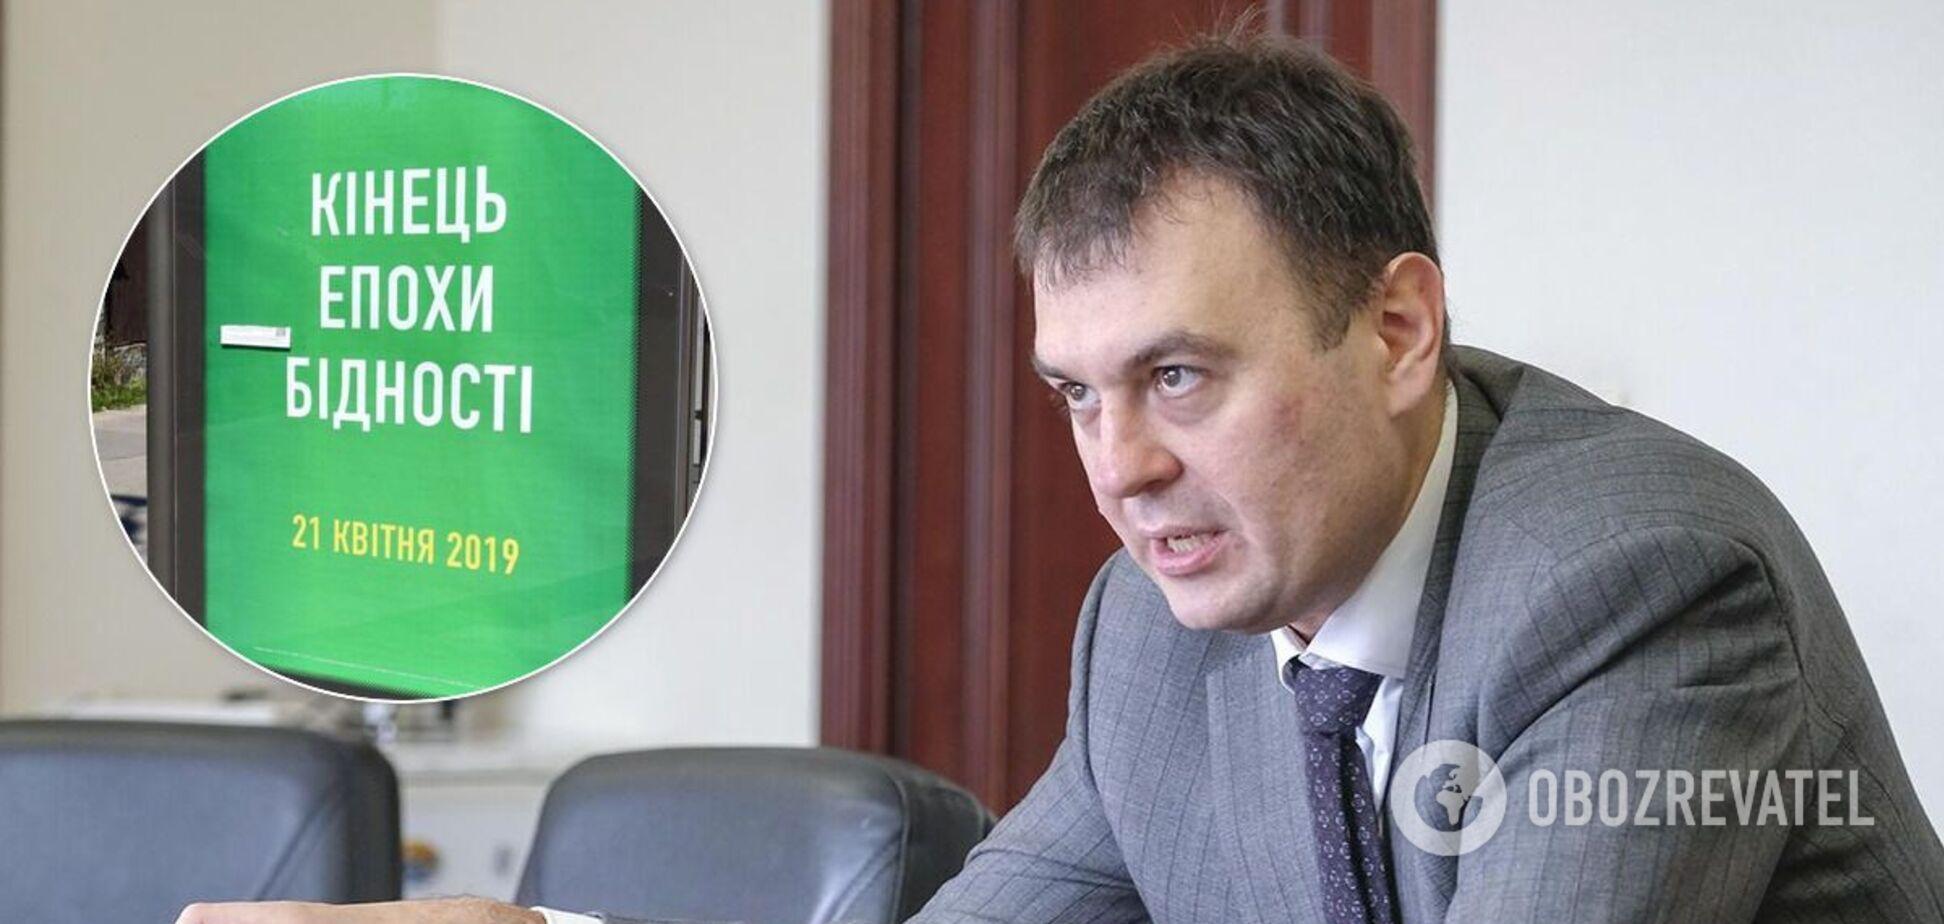 Сім'ю 'слуги' Гетманцева звинуватили в зарплатах в конвертах і несплаті податків